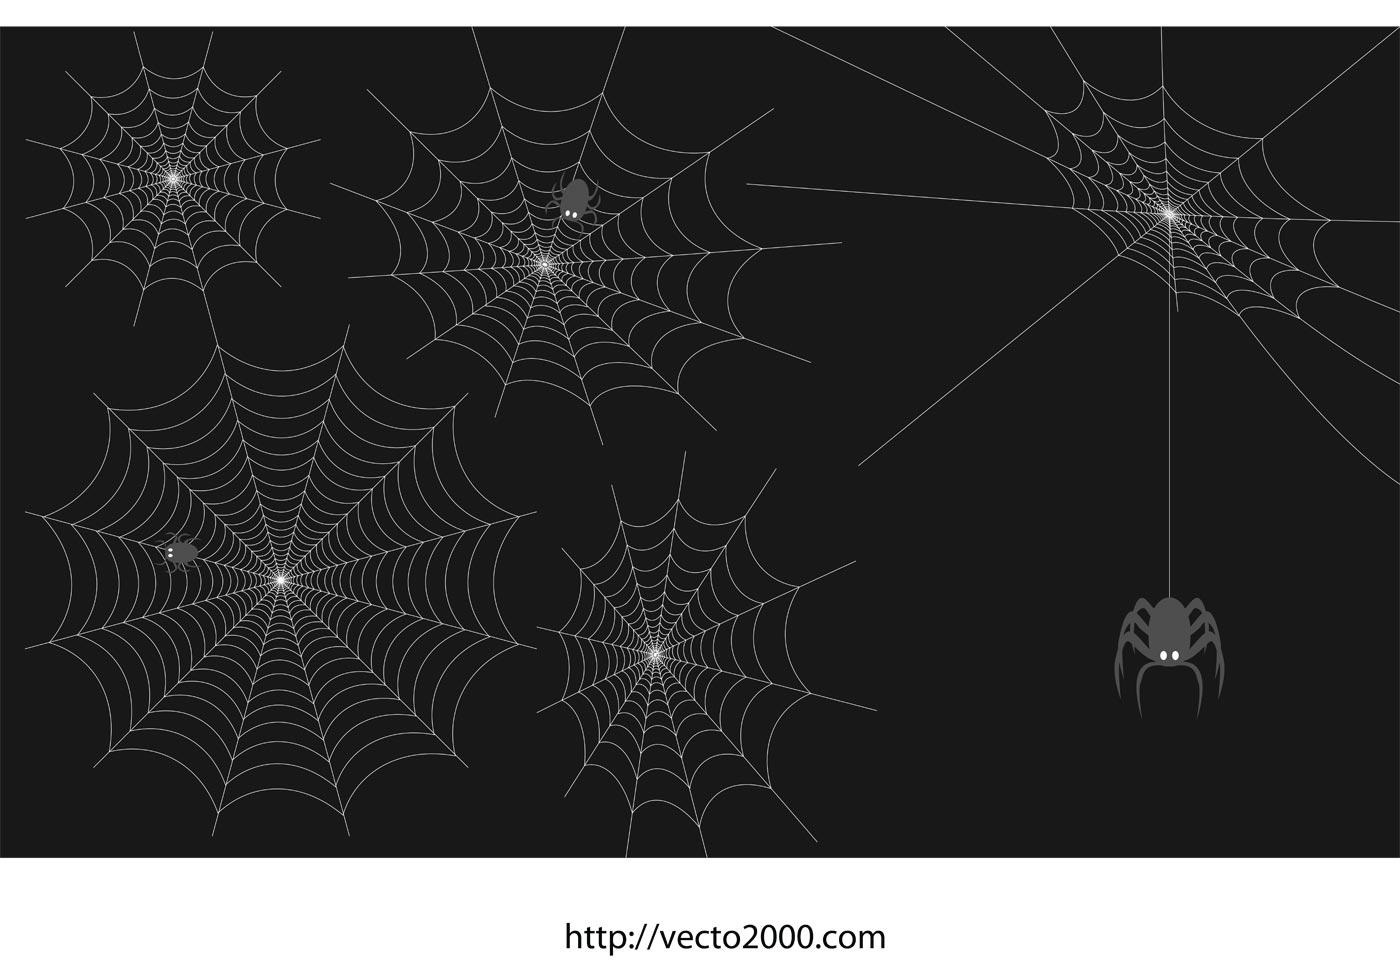 Spider Web Vector Set - Download Free Vector Art, Stock ...